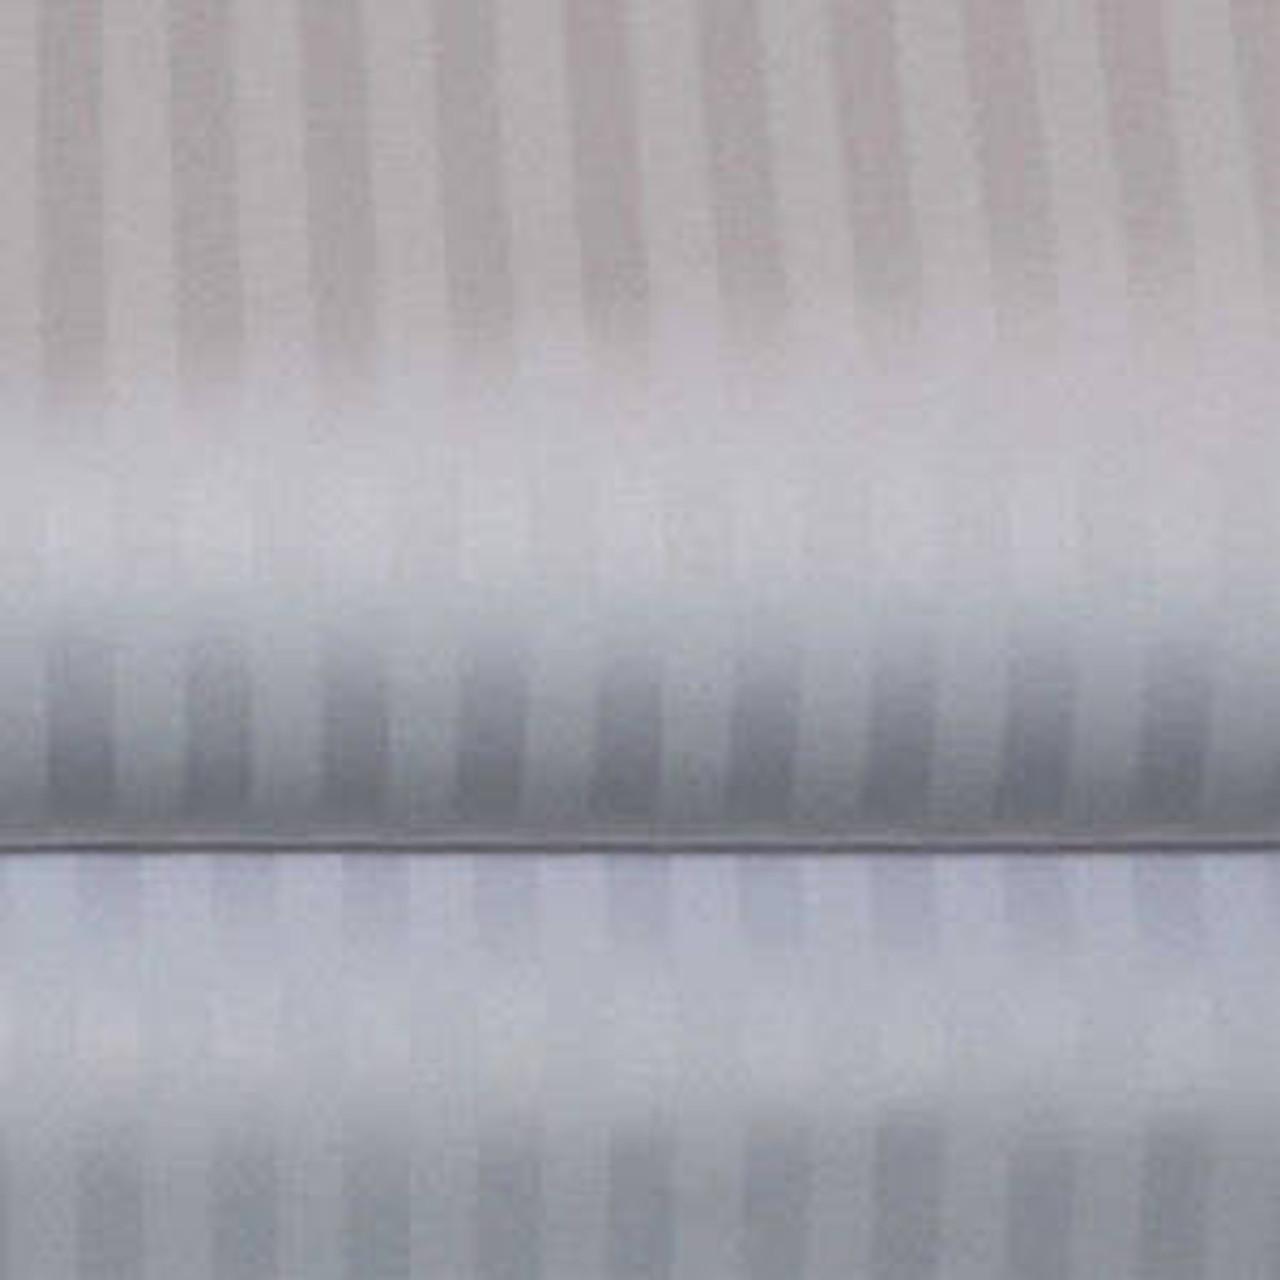 THOMASTON MILLS THOMASTON MILLS orT-310 TONE ON TONE STRIPE DUVET COVER or WHITE or PACK OF 12